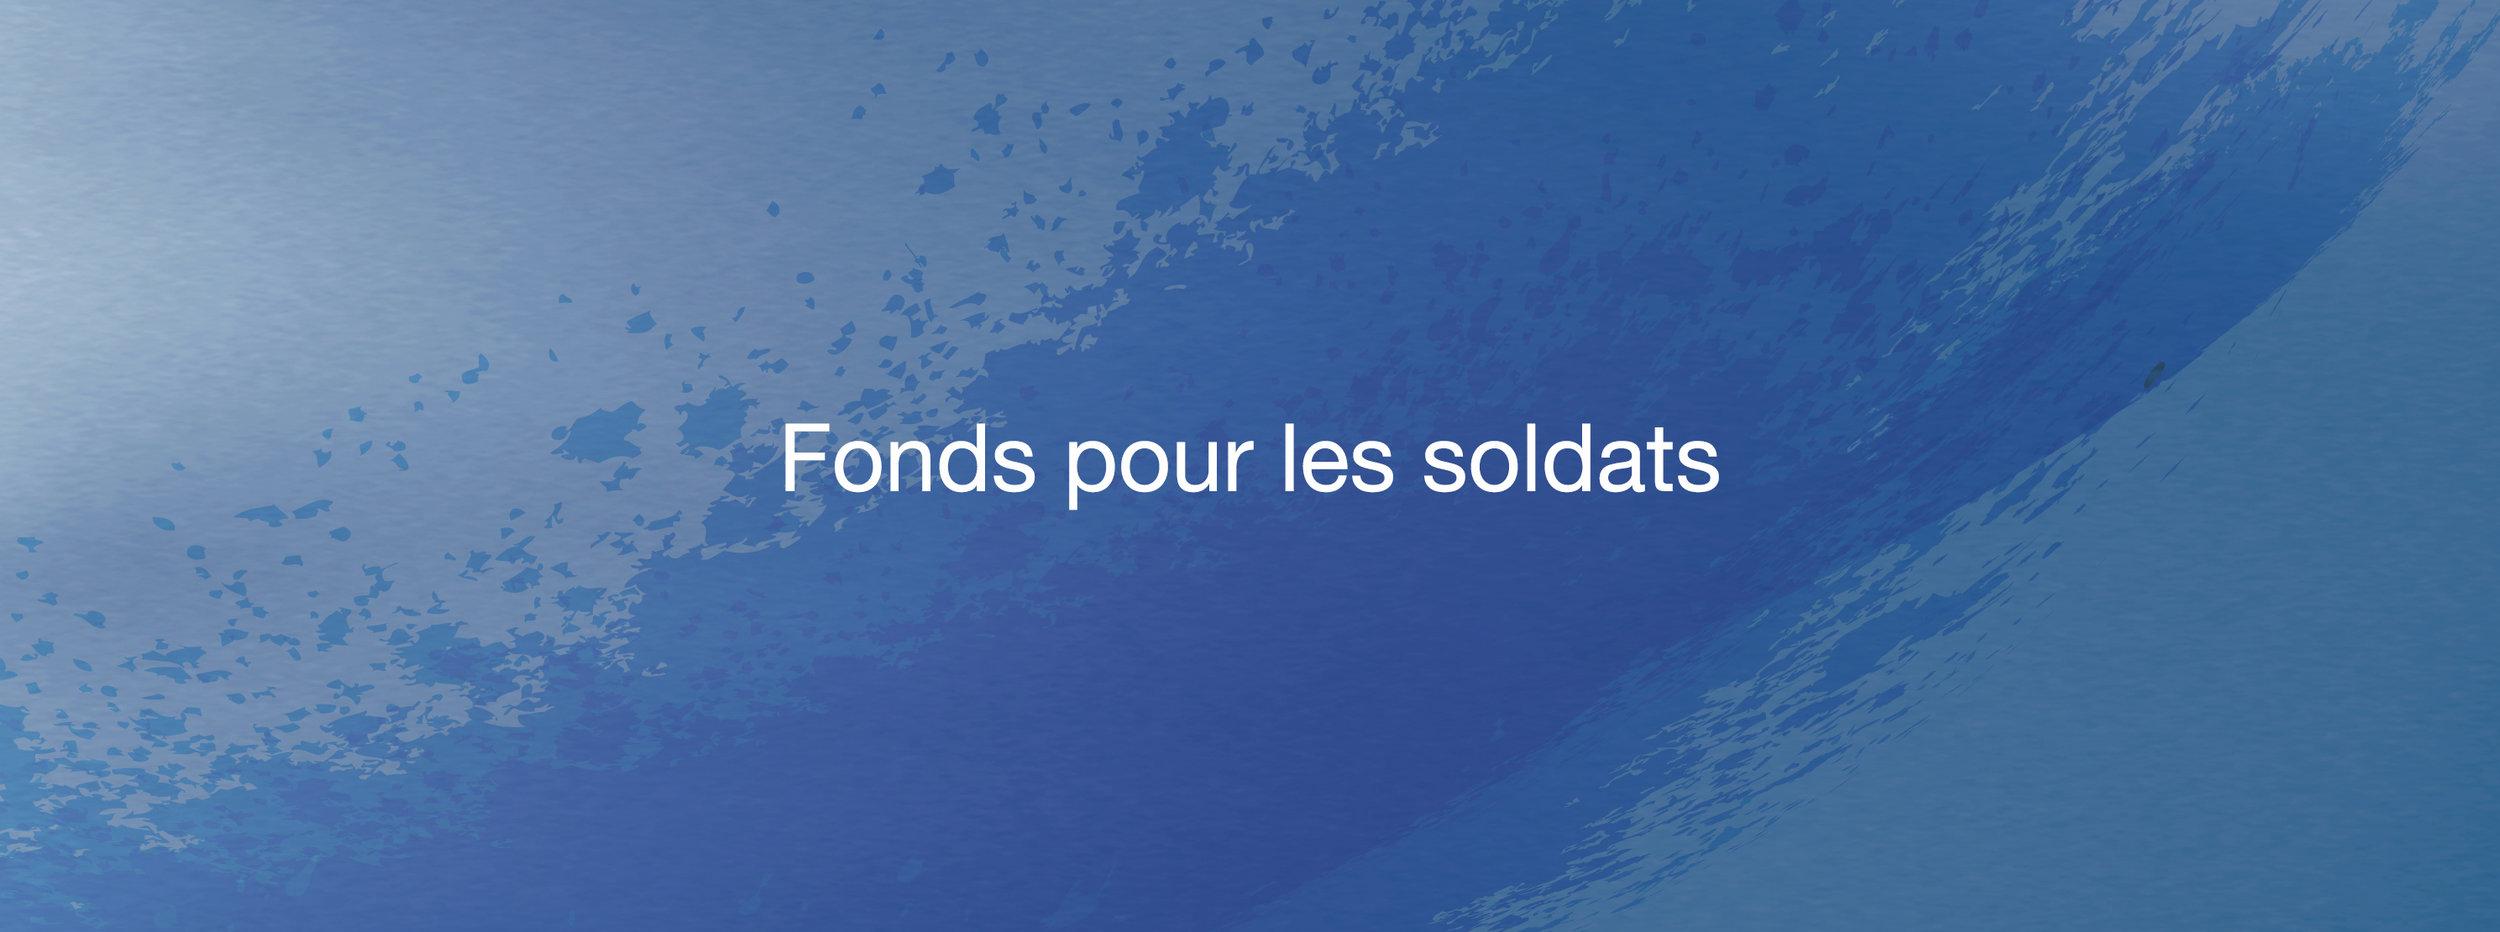 Fonds pour les soldats.jpg